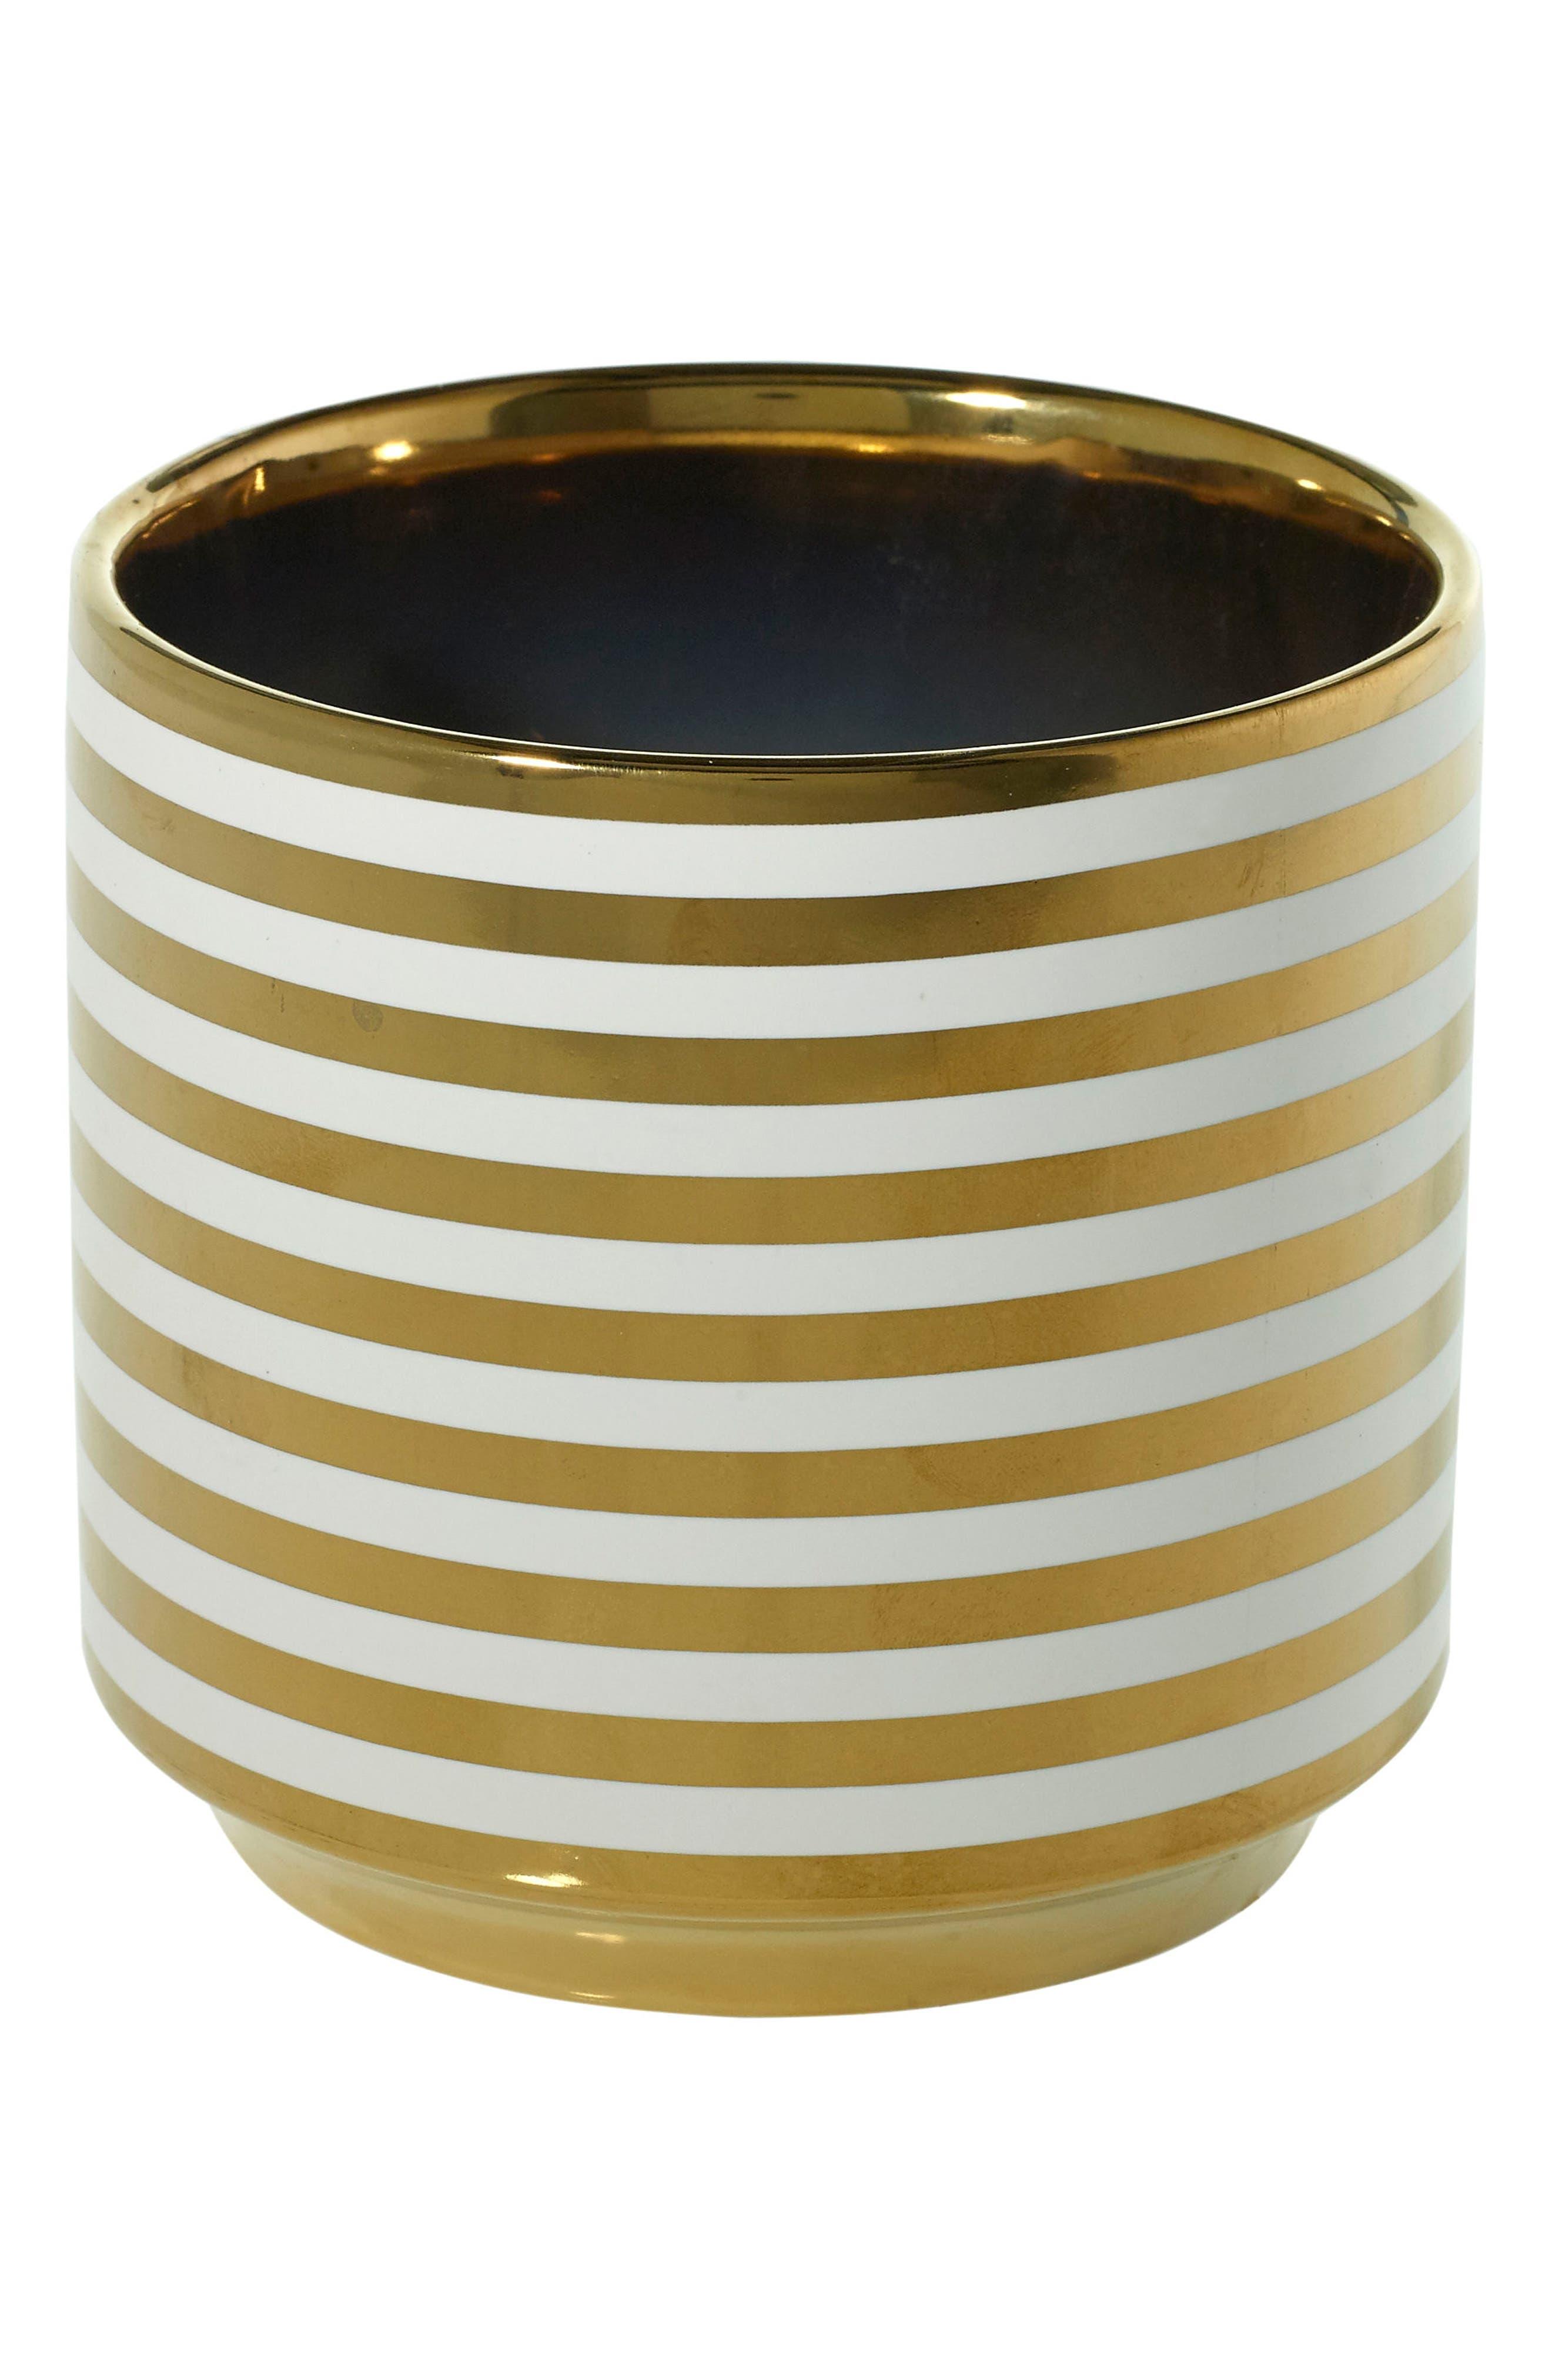 Accent Decor Gold Ceramic Vase